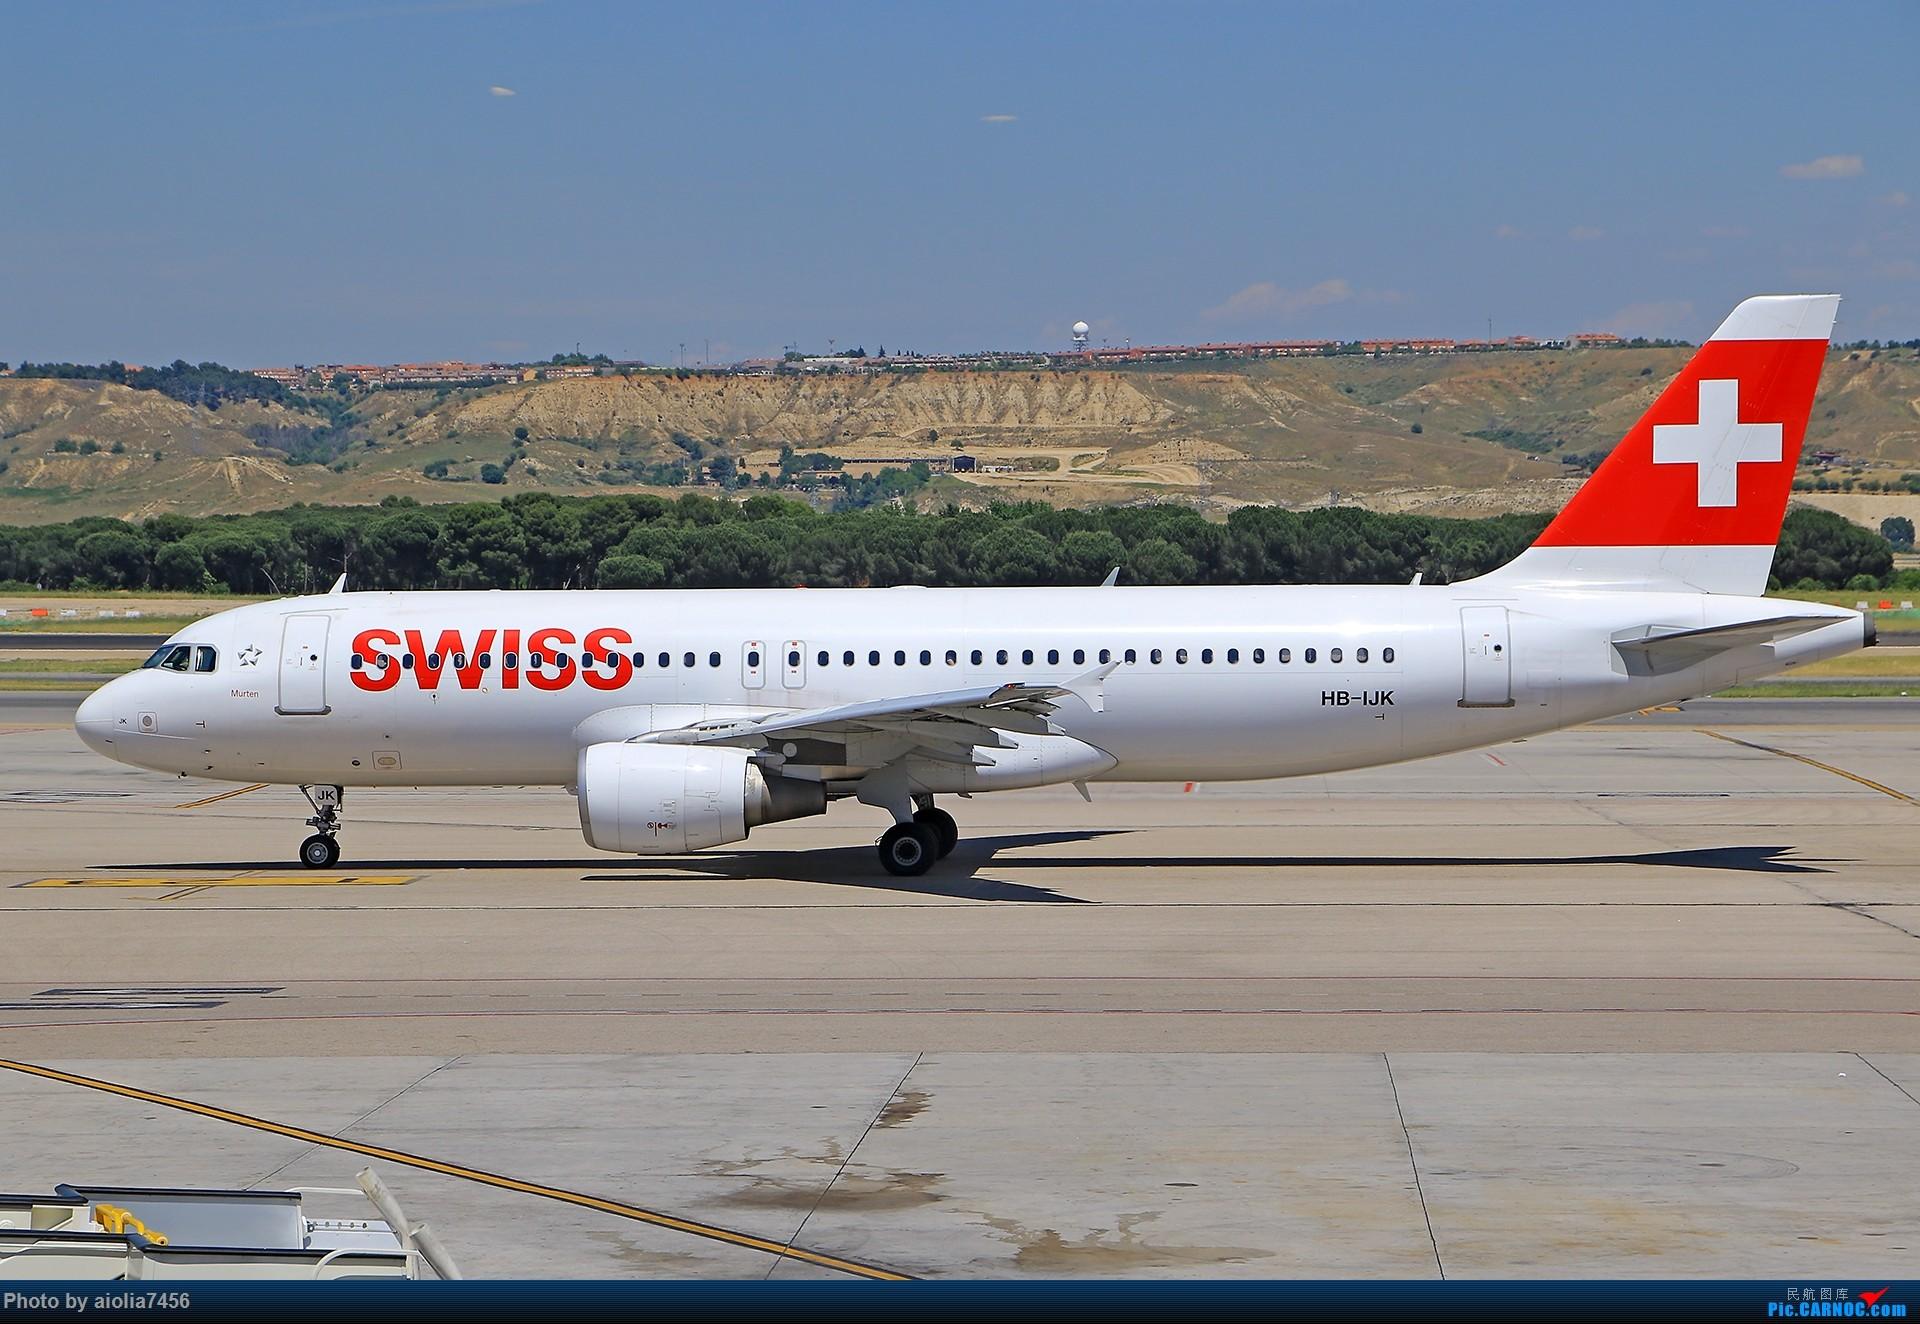 Re:[原创]【合肥飞友会】西行归来第二弹--西行拍机 AIRBUS A320 HB-IJK 西班牙马德里机场